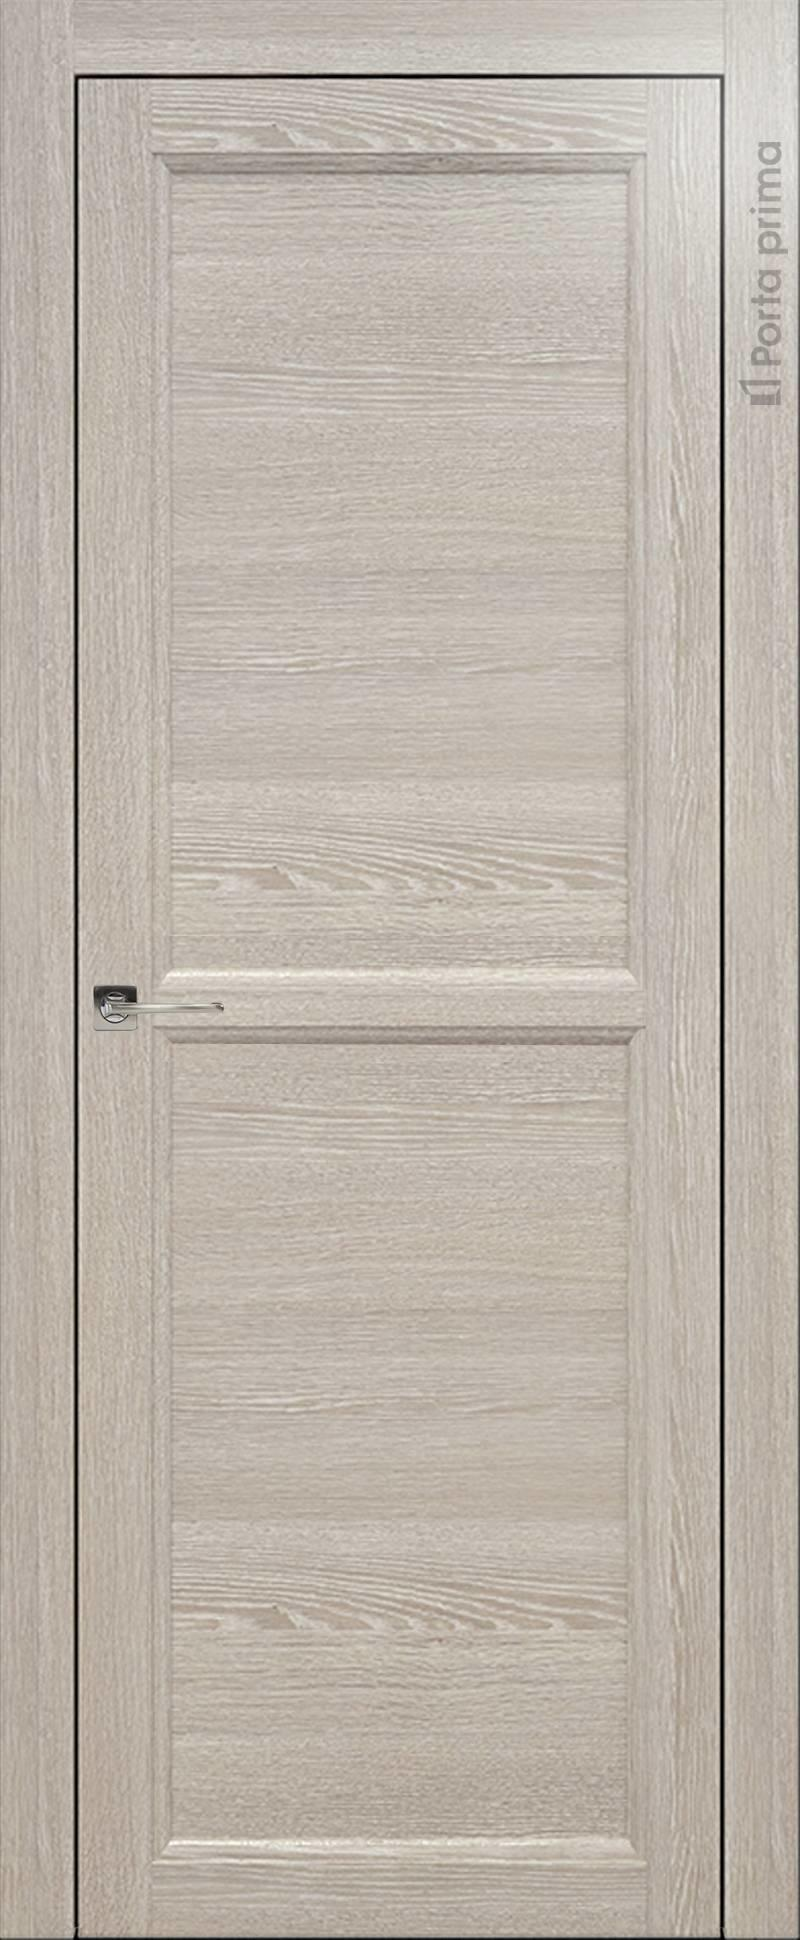 Sorrento-R А1 цвет - Серый дуб Без стекла (ДГ)